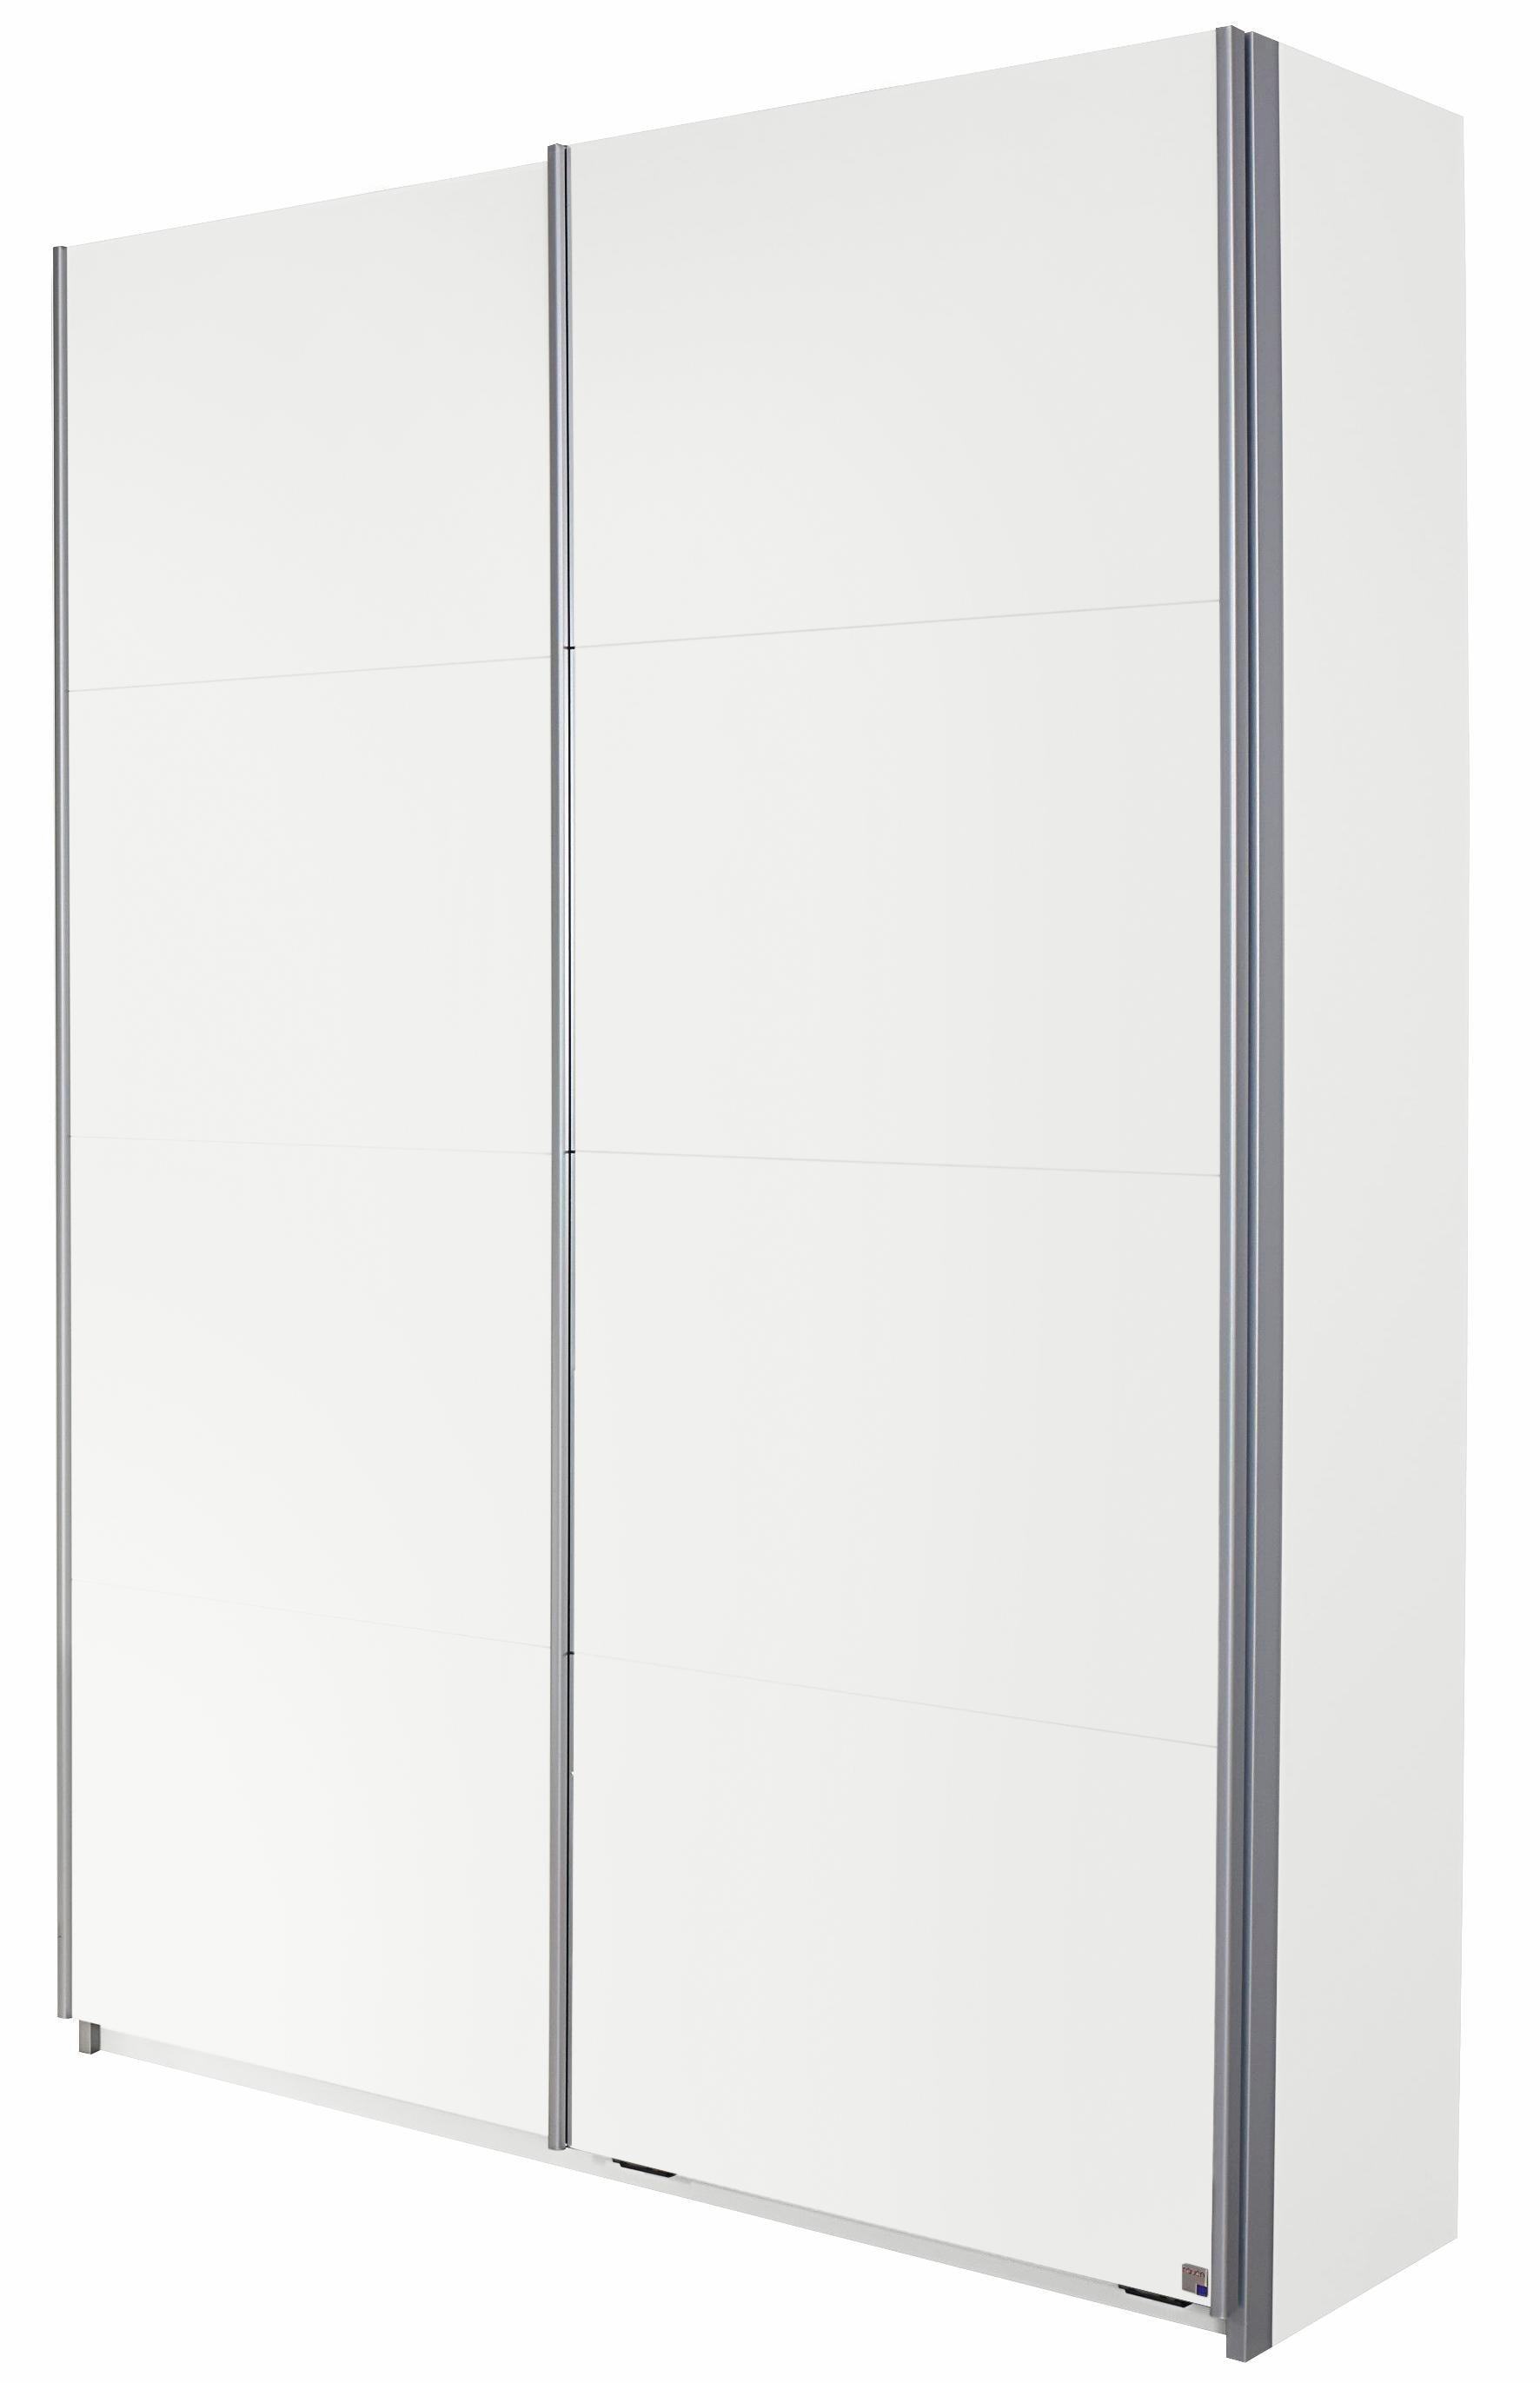 rauch Garderobenschrank Minosa Breite 136 cm   Flur & Diele > Garderoben > Garderobenschränke   Weiß   Melamin   Rauch